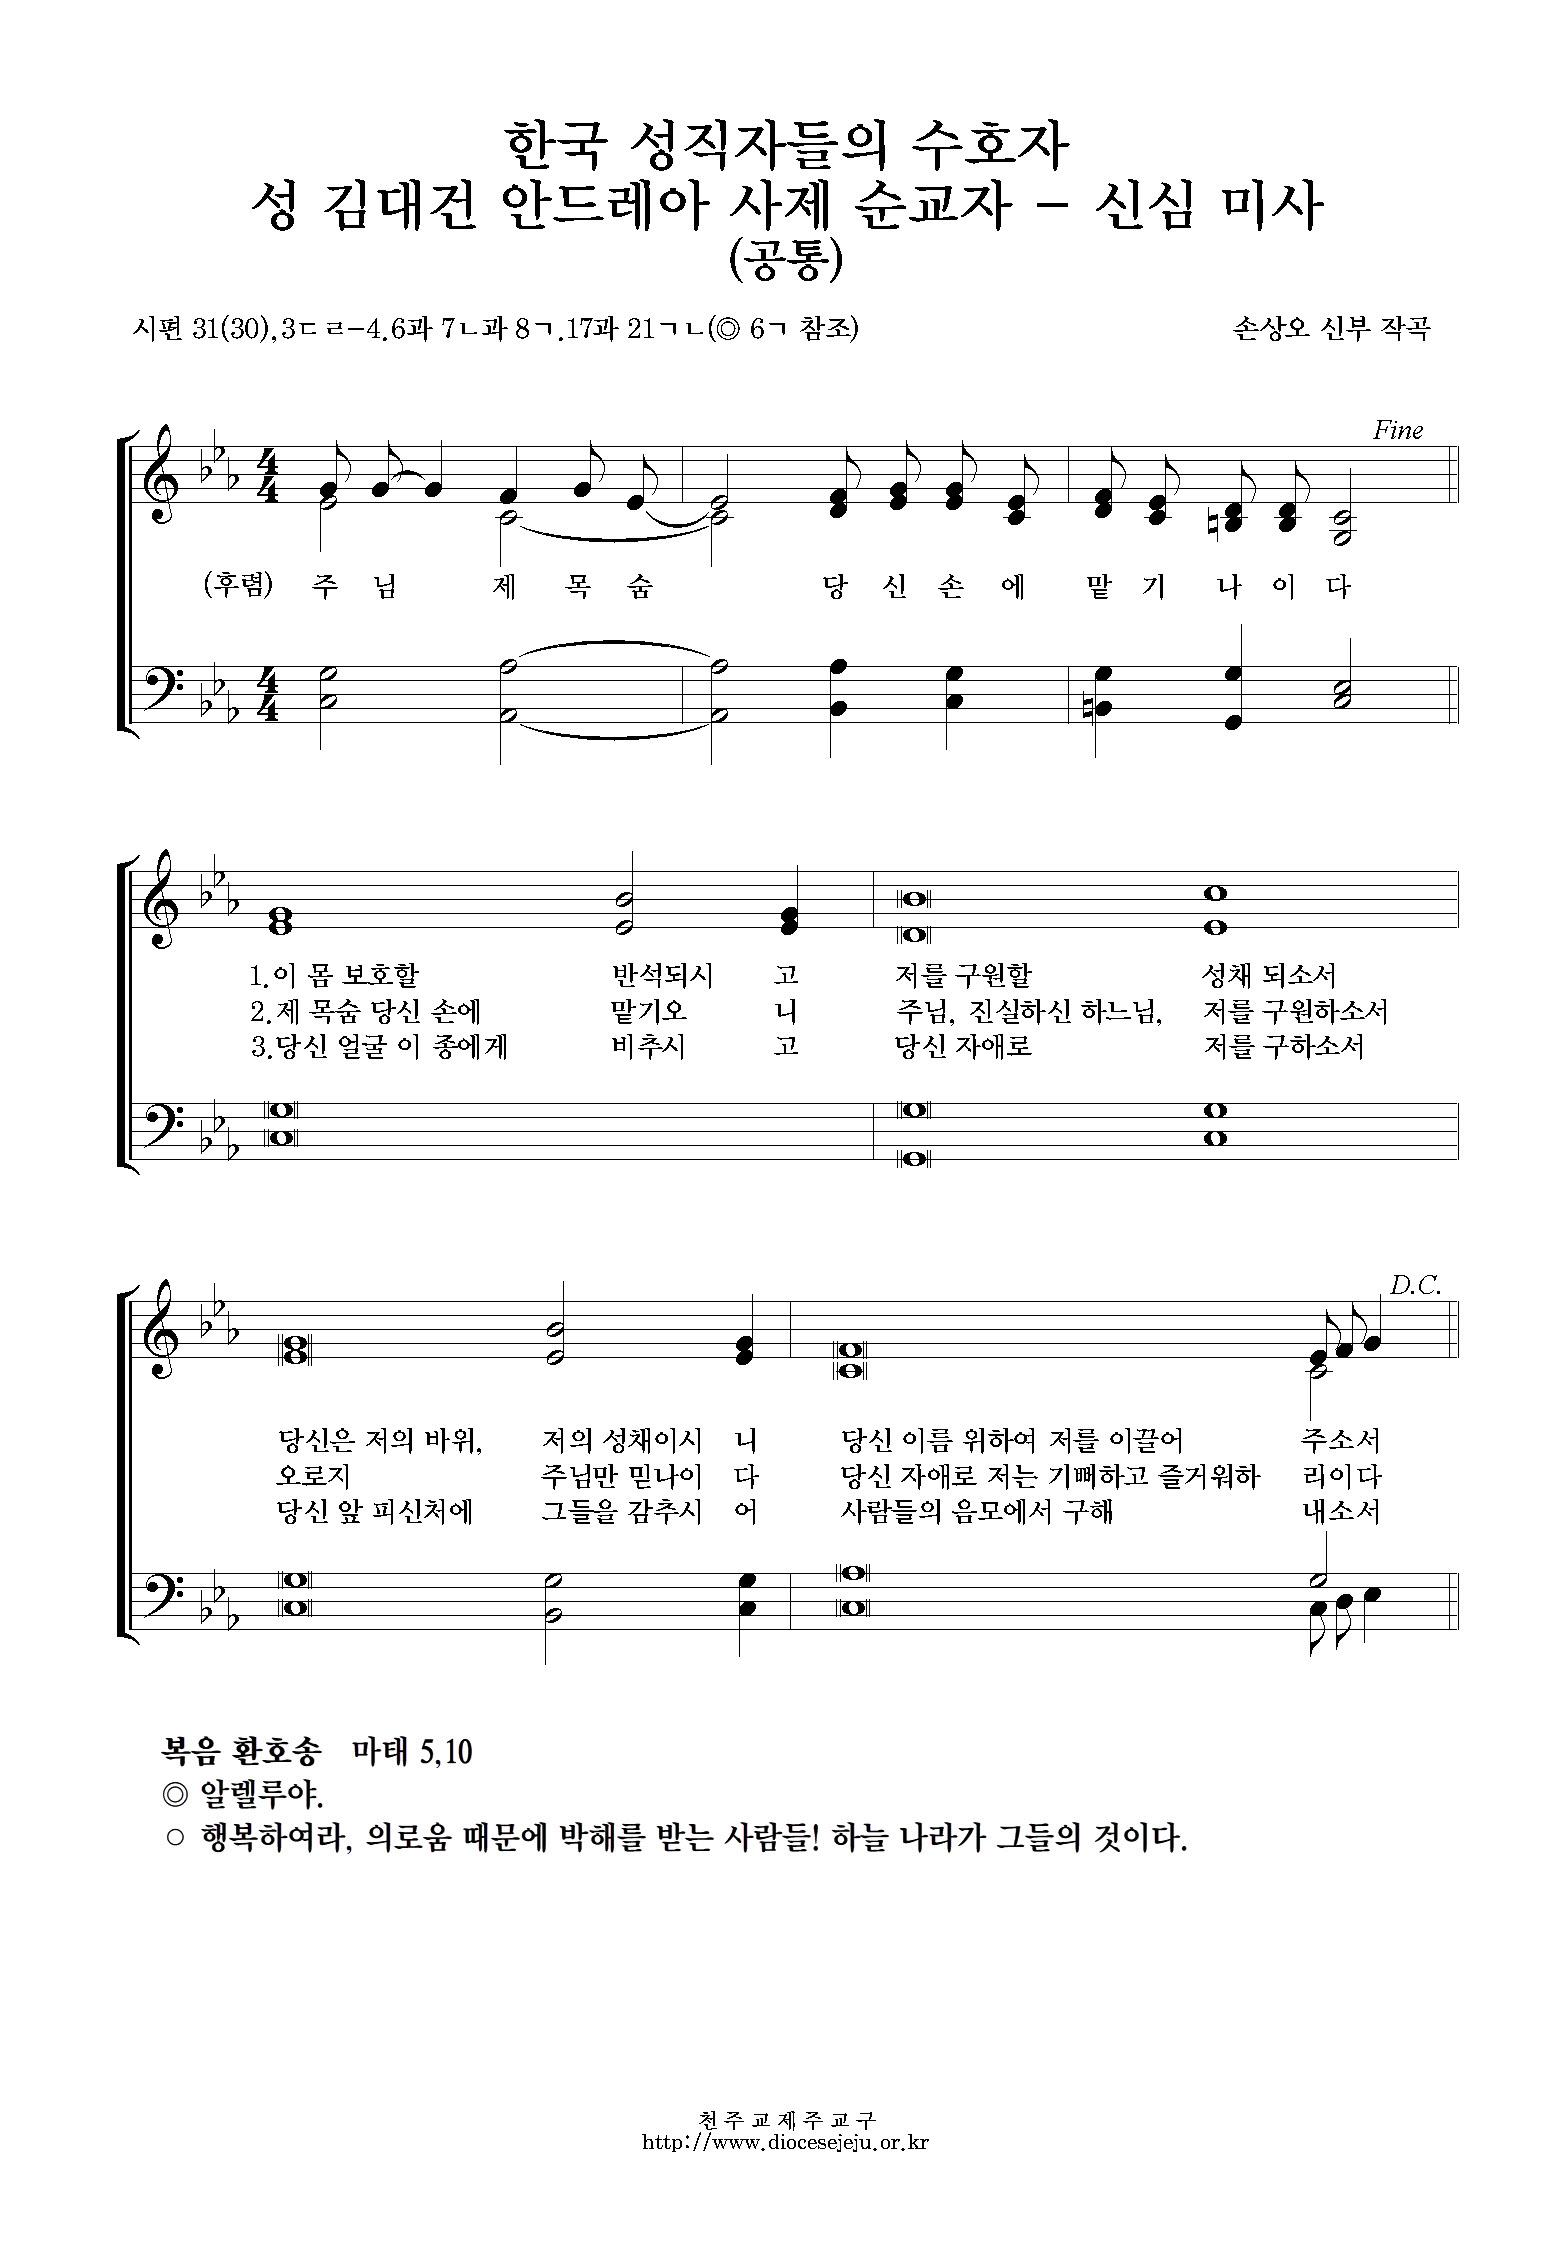 20190705-성김대건안드레아사제순교자신심미사(공통).jpg